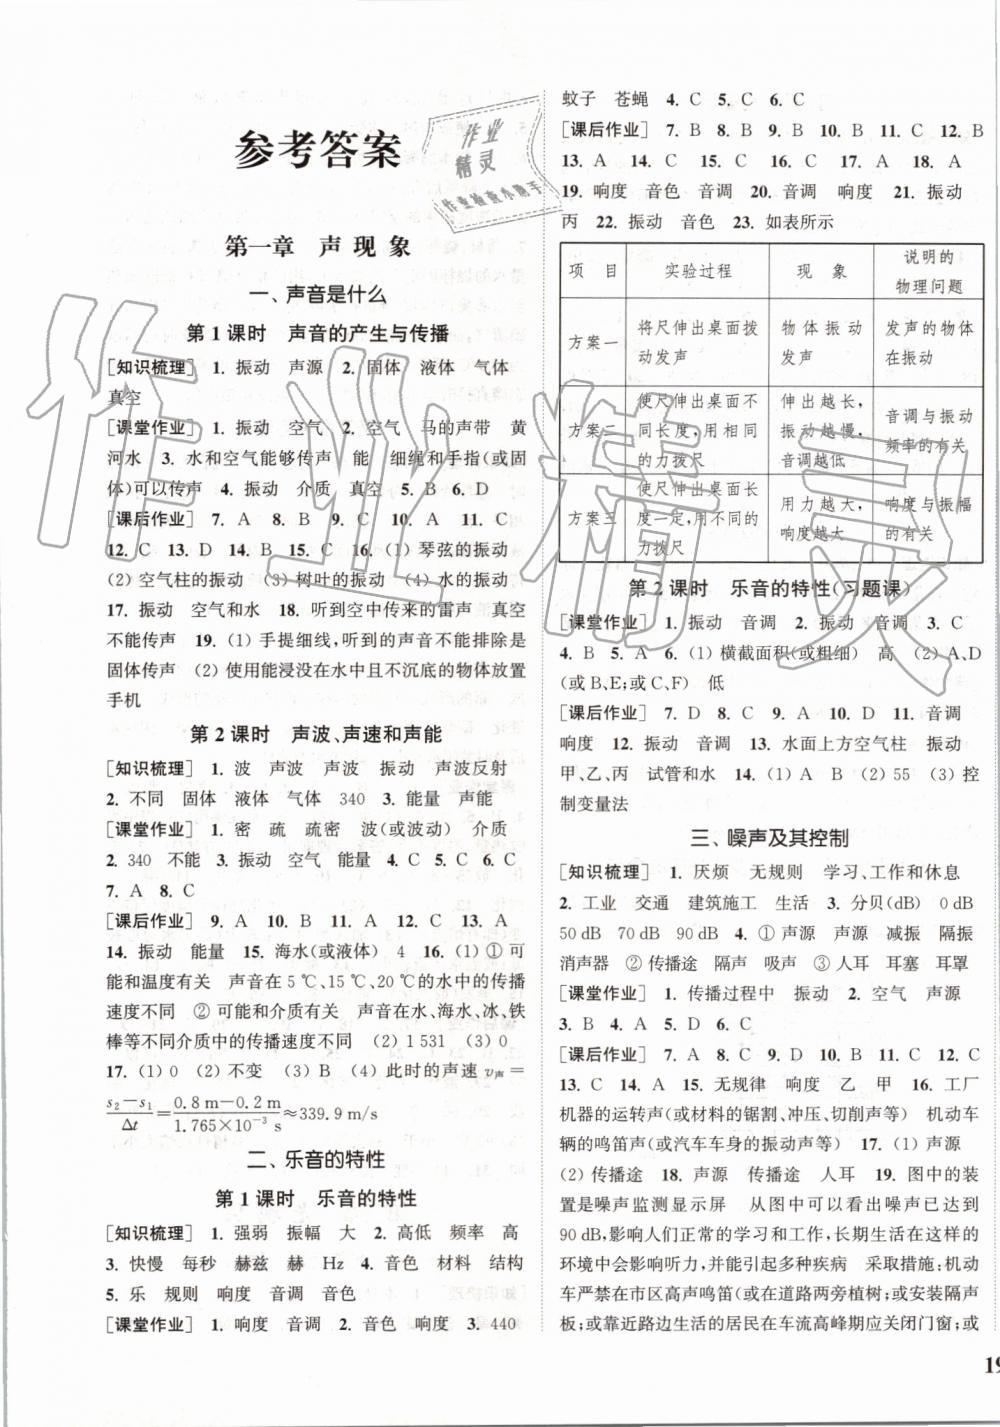 2019年通城学典课时作业本八年级物理上册苏科版江苏专用第1页